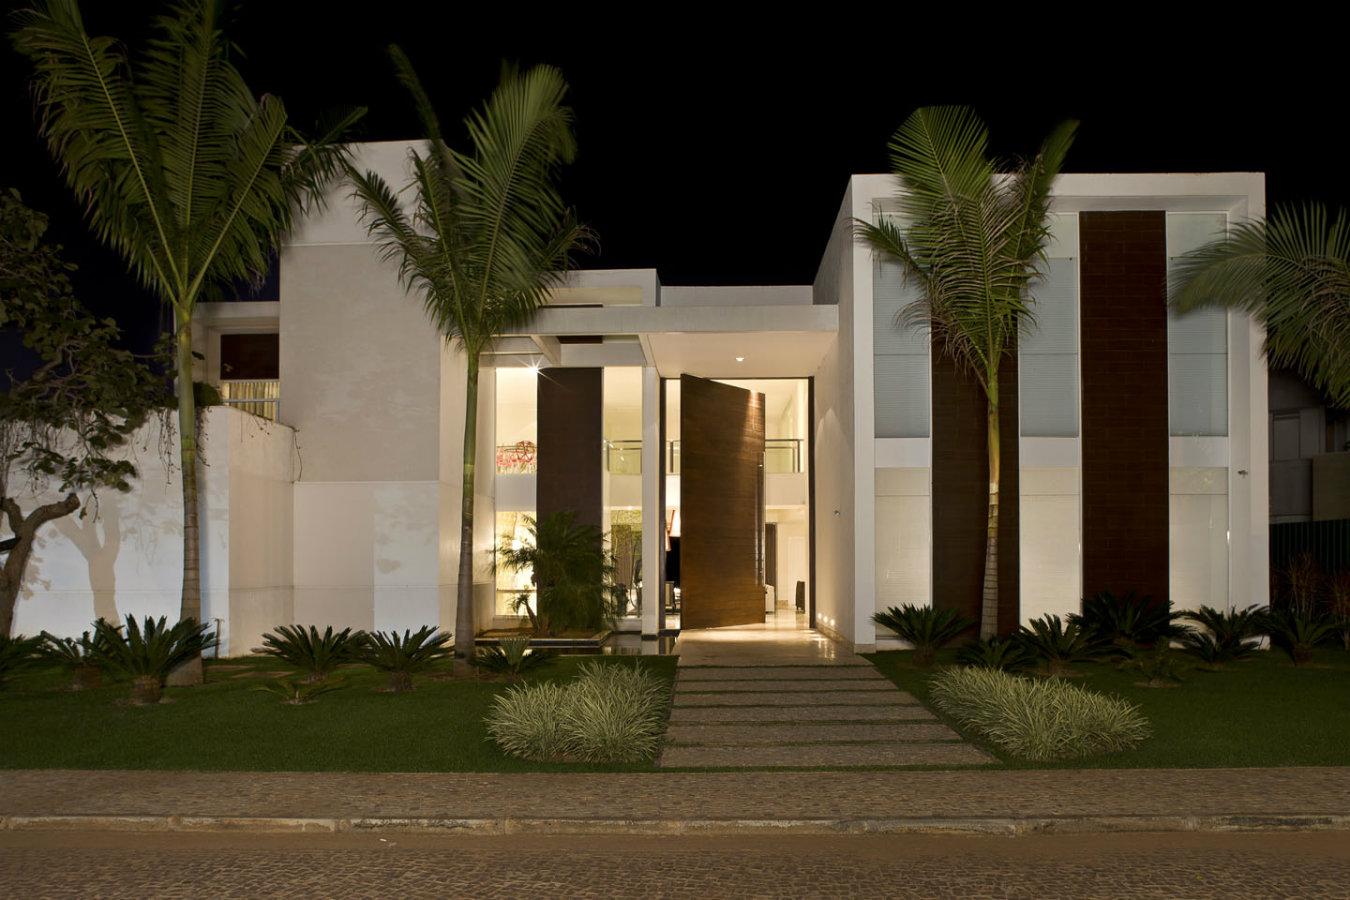 Entradas modernas de casas simple residencia estilo en - Entradas casas modernas ...